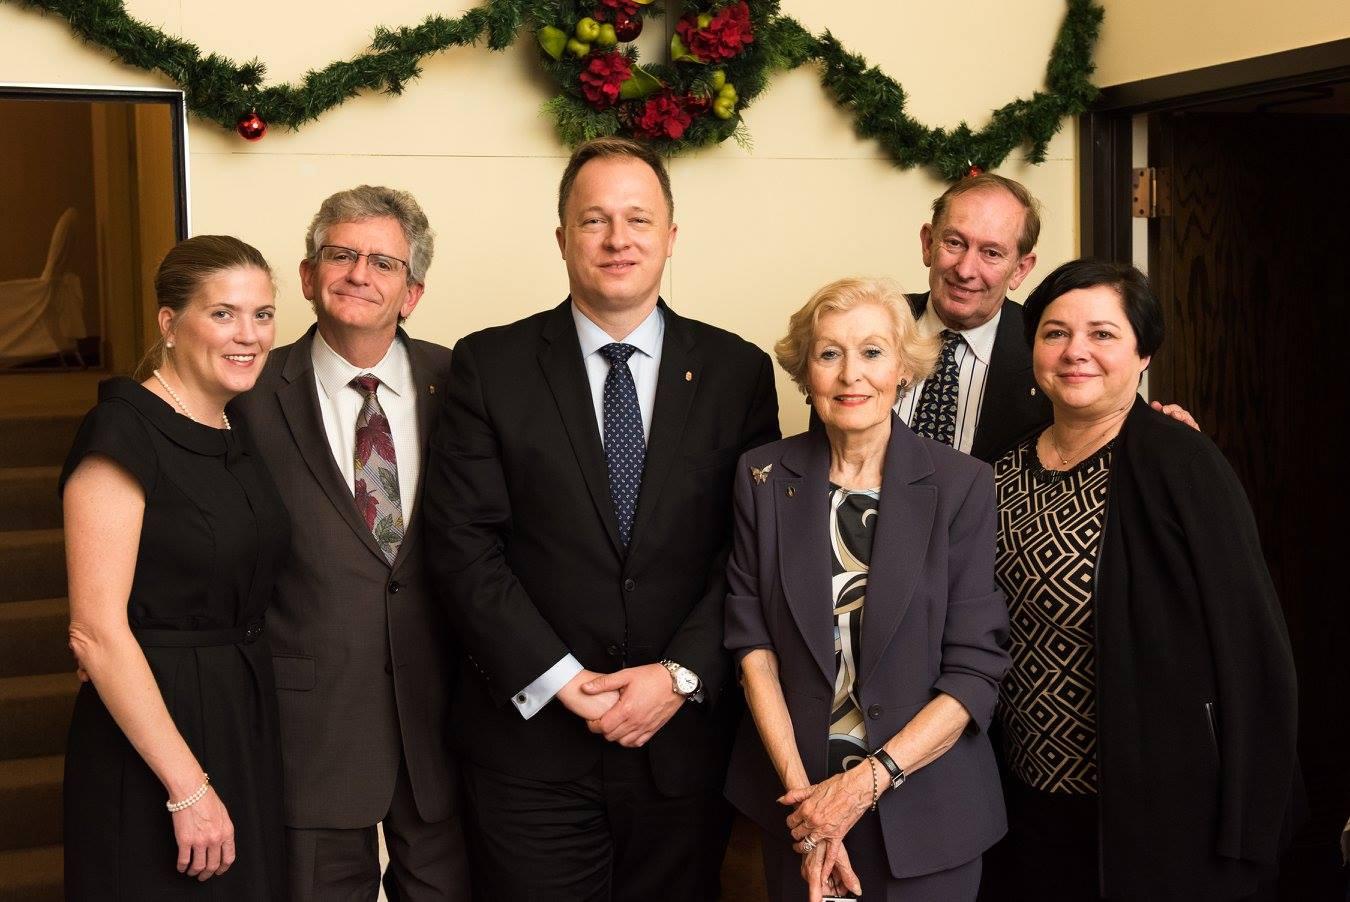 Ms. Alicia McCart, Mr. John E. Parkerson, Ambassador Ferenc Kumin, Mrs. Eva E. Voisin, Mr. Paul Voisin, Ms. Katalin Pearman